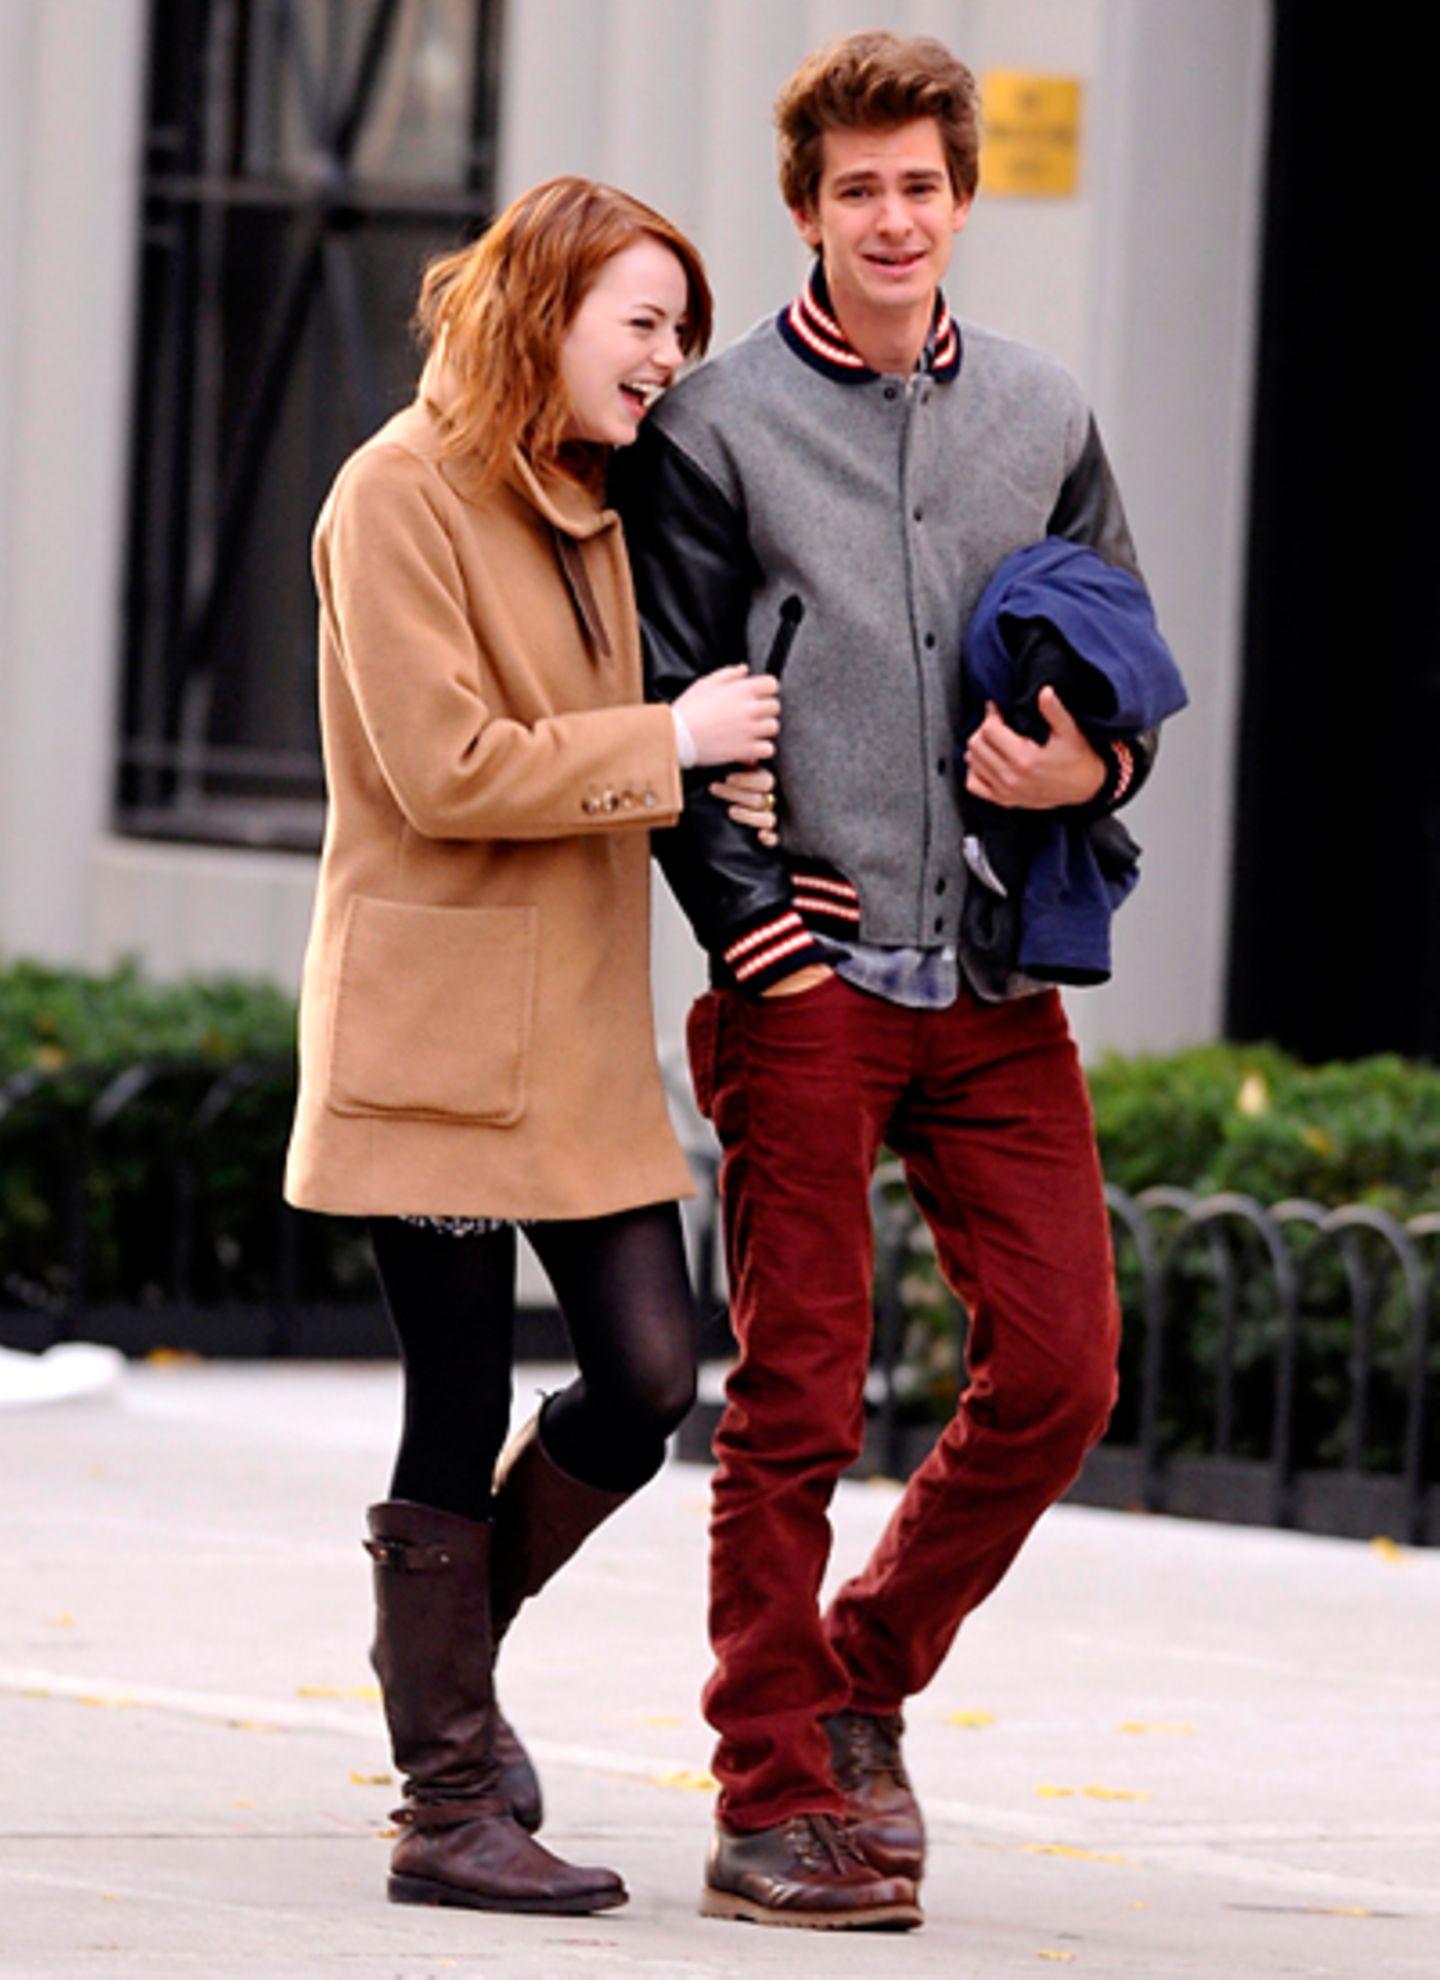 20. November 2011: Glücklich schlendern Emma Stone und Andrew Garfield durch New York City.